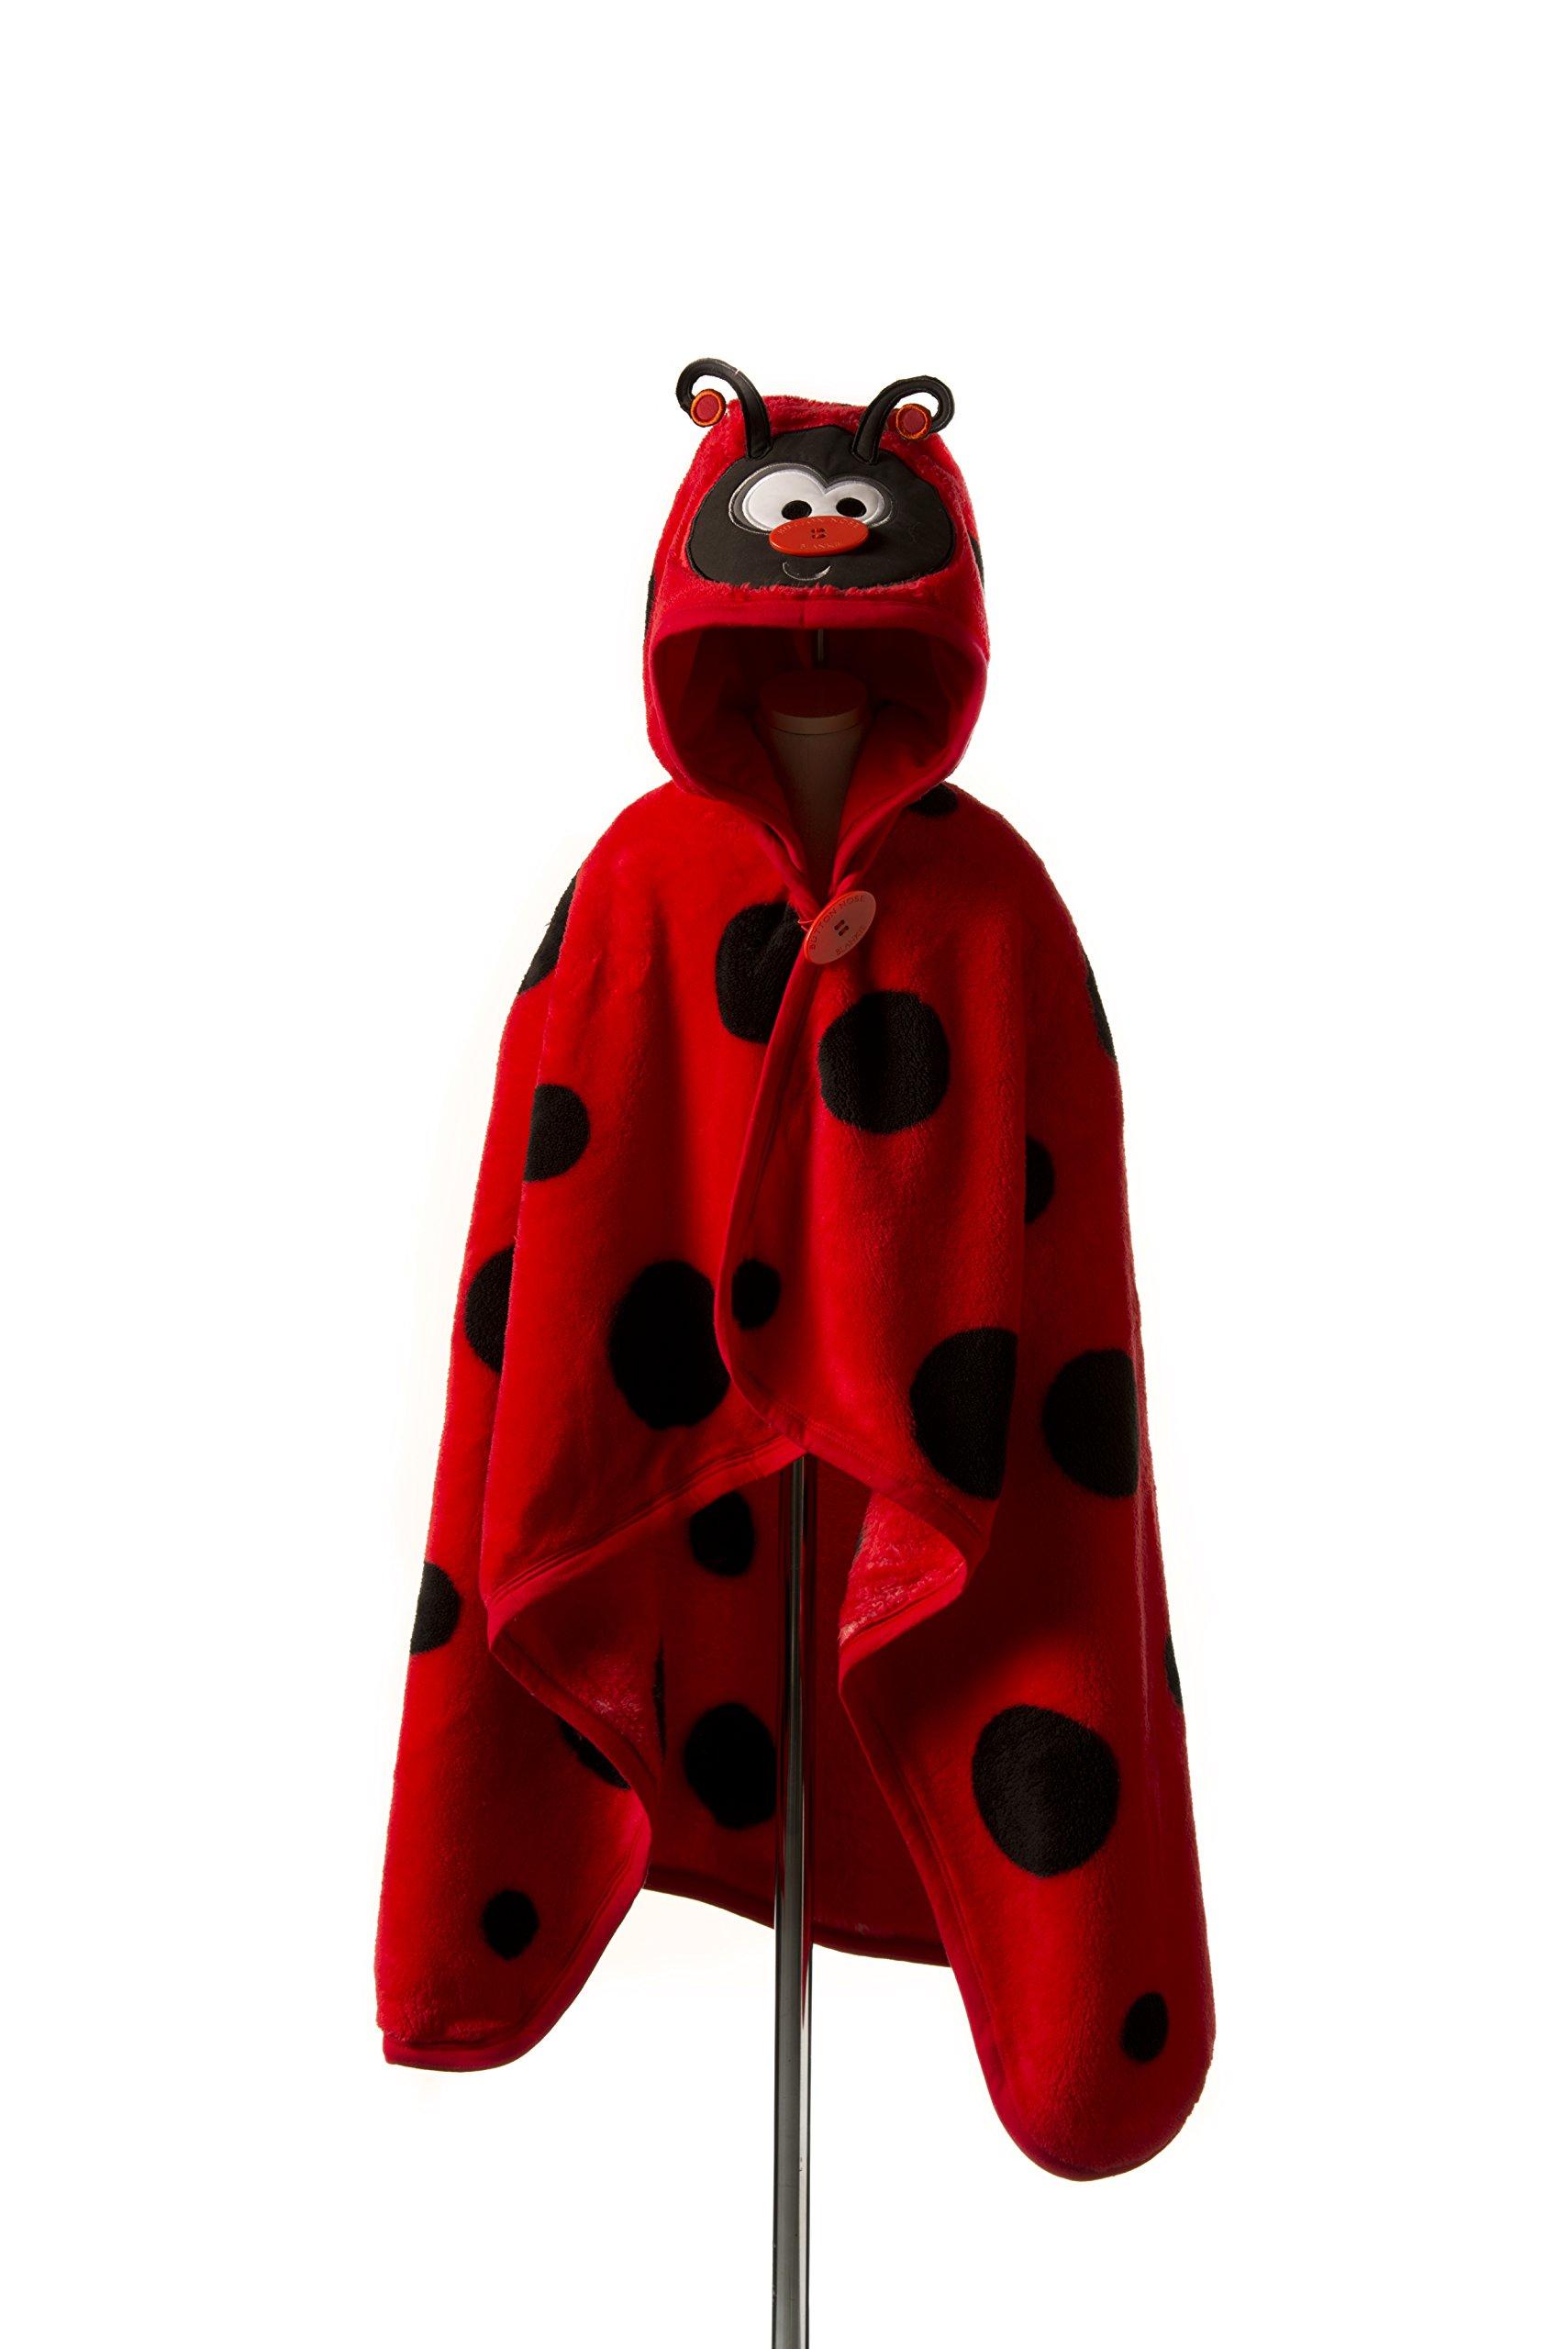 Goo-Goo Baby Button Nose Kid's Hooded Blanket and Towel, Warm Soft Fleece Character Blanket, Ladybug, 0-10 Years